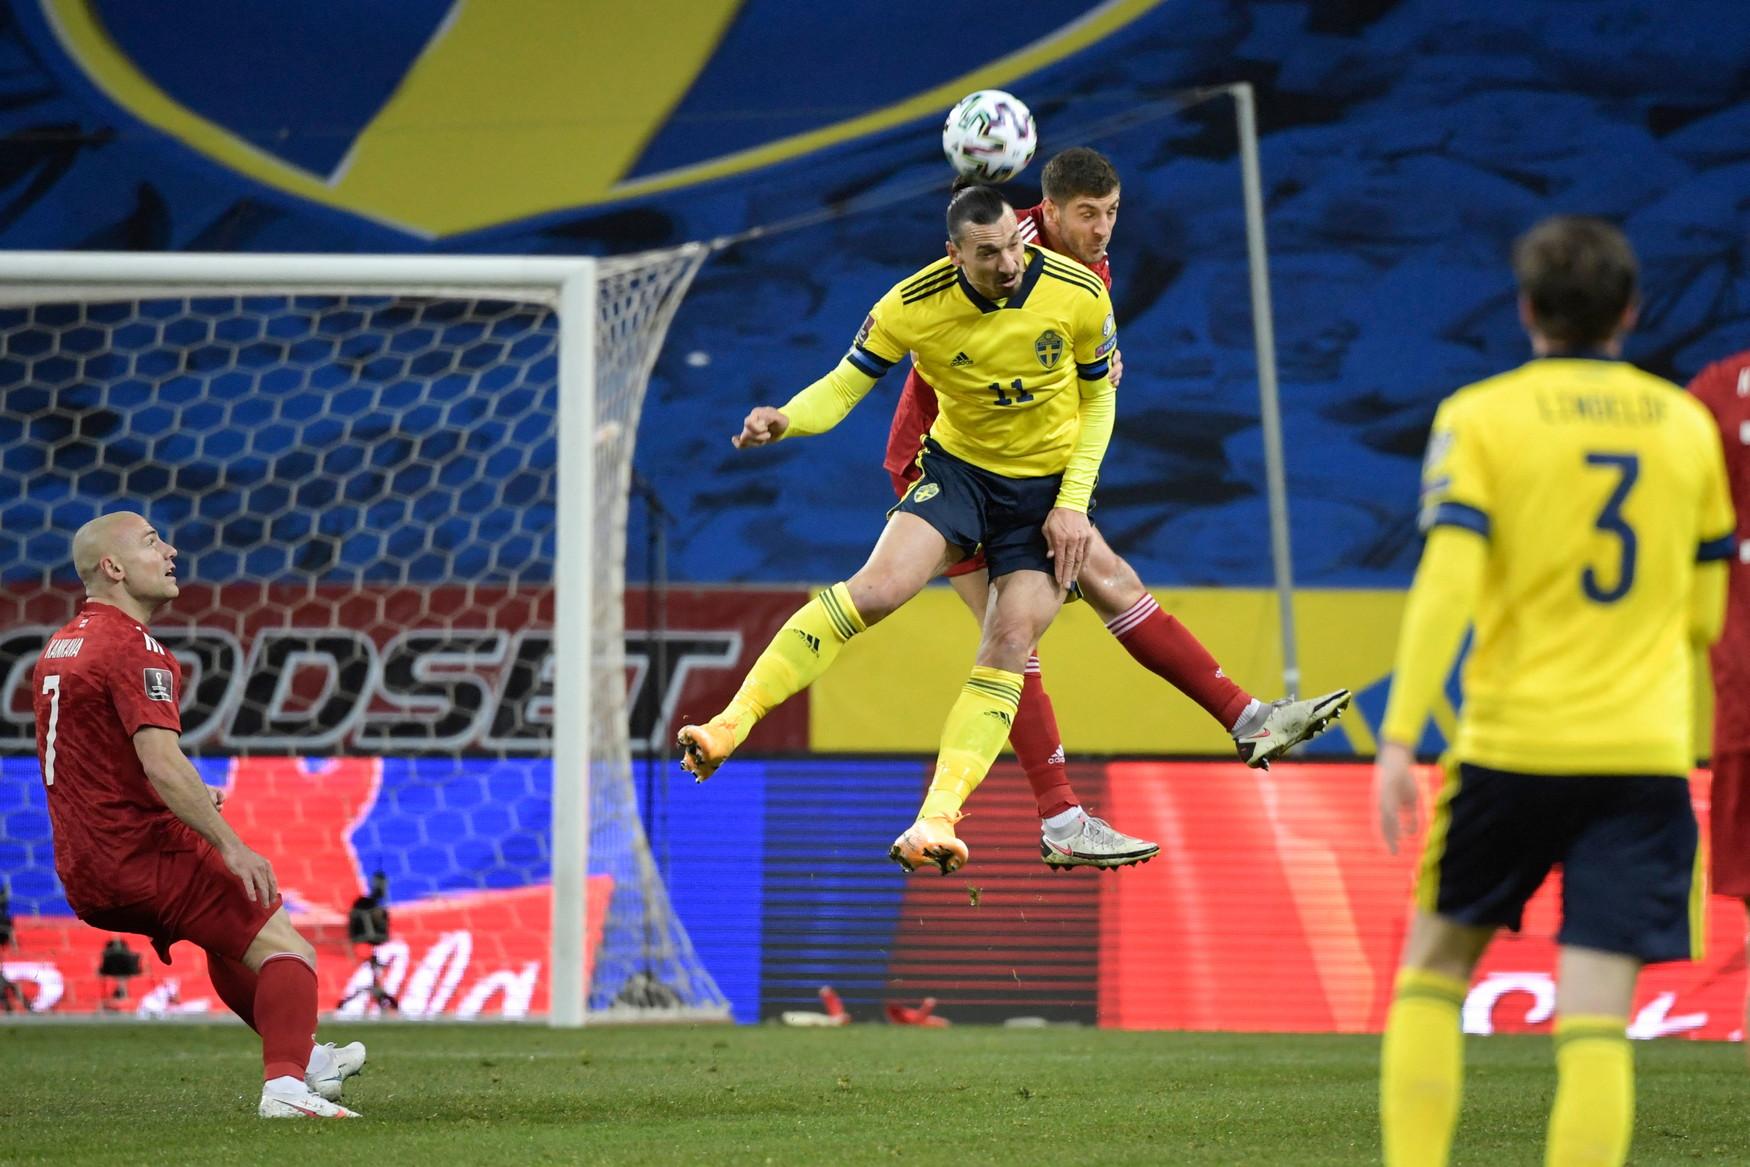 Dopo quattro anni, nove mesi e tre giorni&nbsp;Zlatan Ibrahimovic &egrave; tornato a vestire la maglia della Nazionale svedese in occasione della sfida di qualificazione ai Mondiali 2022 contro la Georgia. L&#39;ultima volta&nbsp;risaliva&nbsp;al 22 giugno 2016, all&#39;Europeo di Francia, nella gara contro il Belgio. E la sua presenza si &egrave; fatta subito sentire: suo l&#39;assist per il gol dell&#39;1-0 firmato Claesson che ha deciso la partita.&nbsp;L&#39;attaccante del Milan ha giocato per 84 minuti, sostituito nel finale da Quaison.<br /><br />